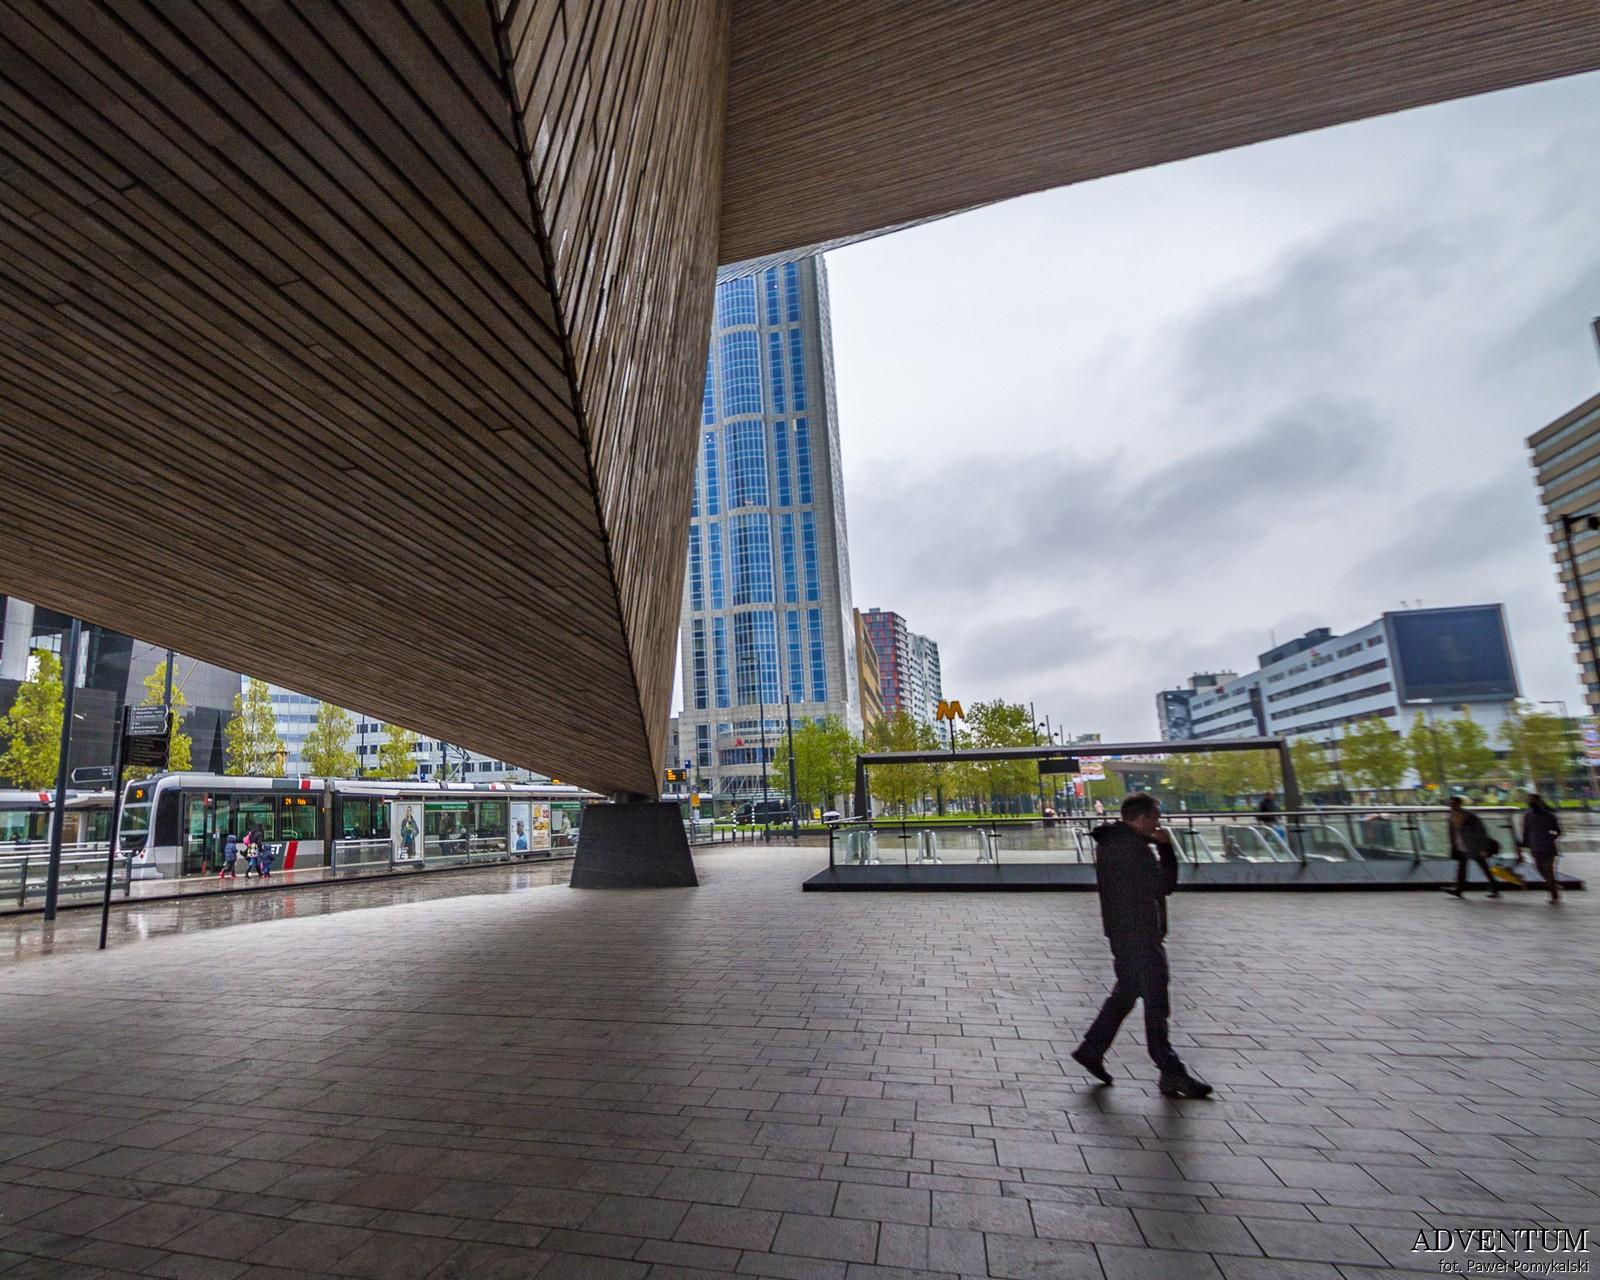 Holandia Atrakcje Zwiedzanie co Zobaczyć Amsterdam Rotterdam Haga Kanały Wiatraki